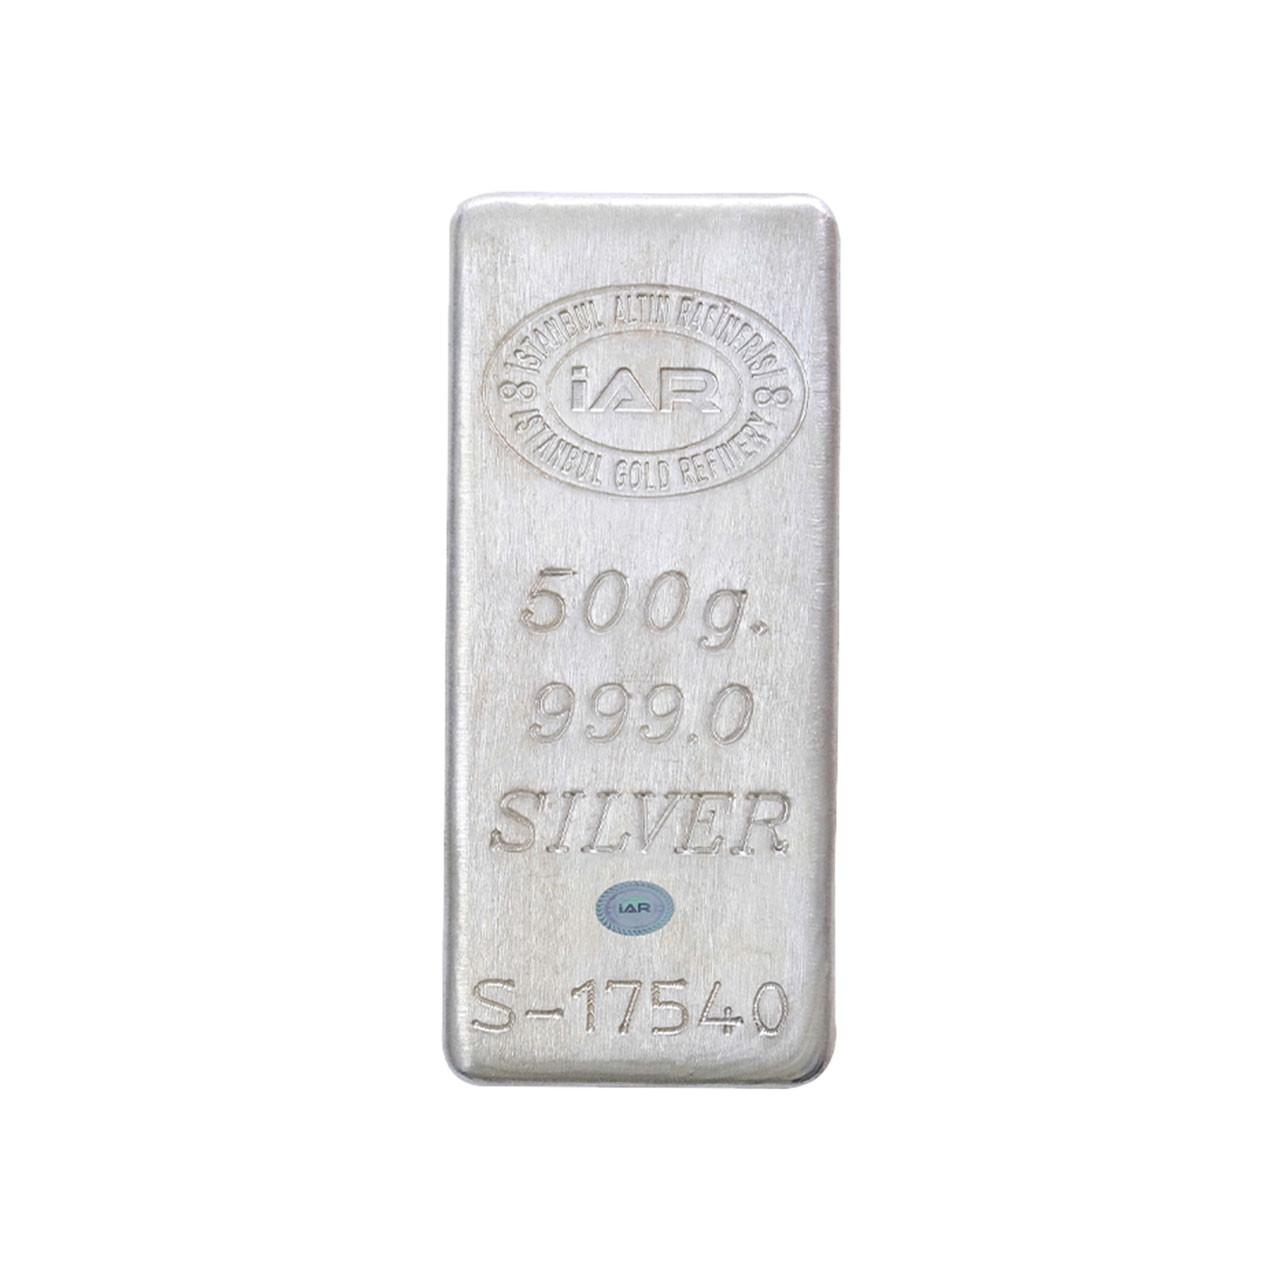 500 Gr İAR Külçe Gümüş